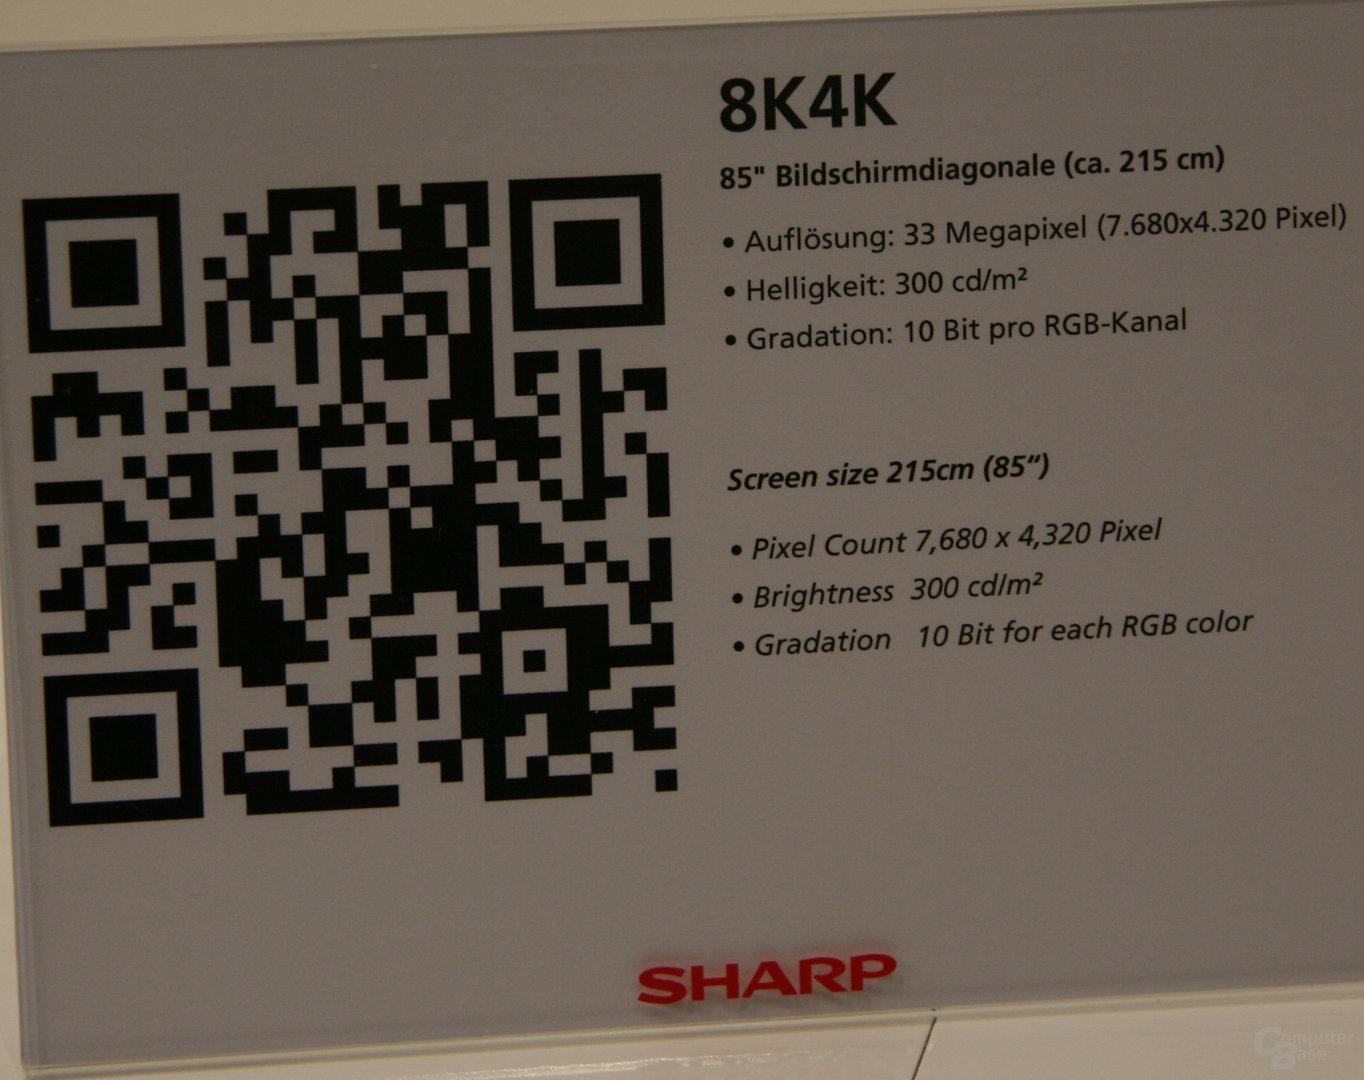 Sharp 8K4K Super Hi-Vision